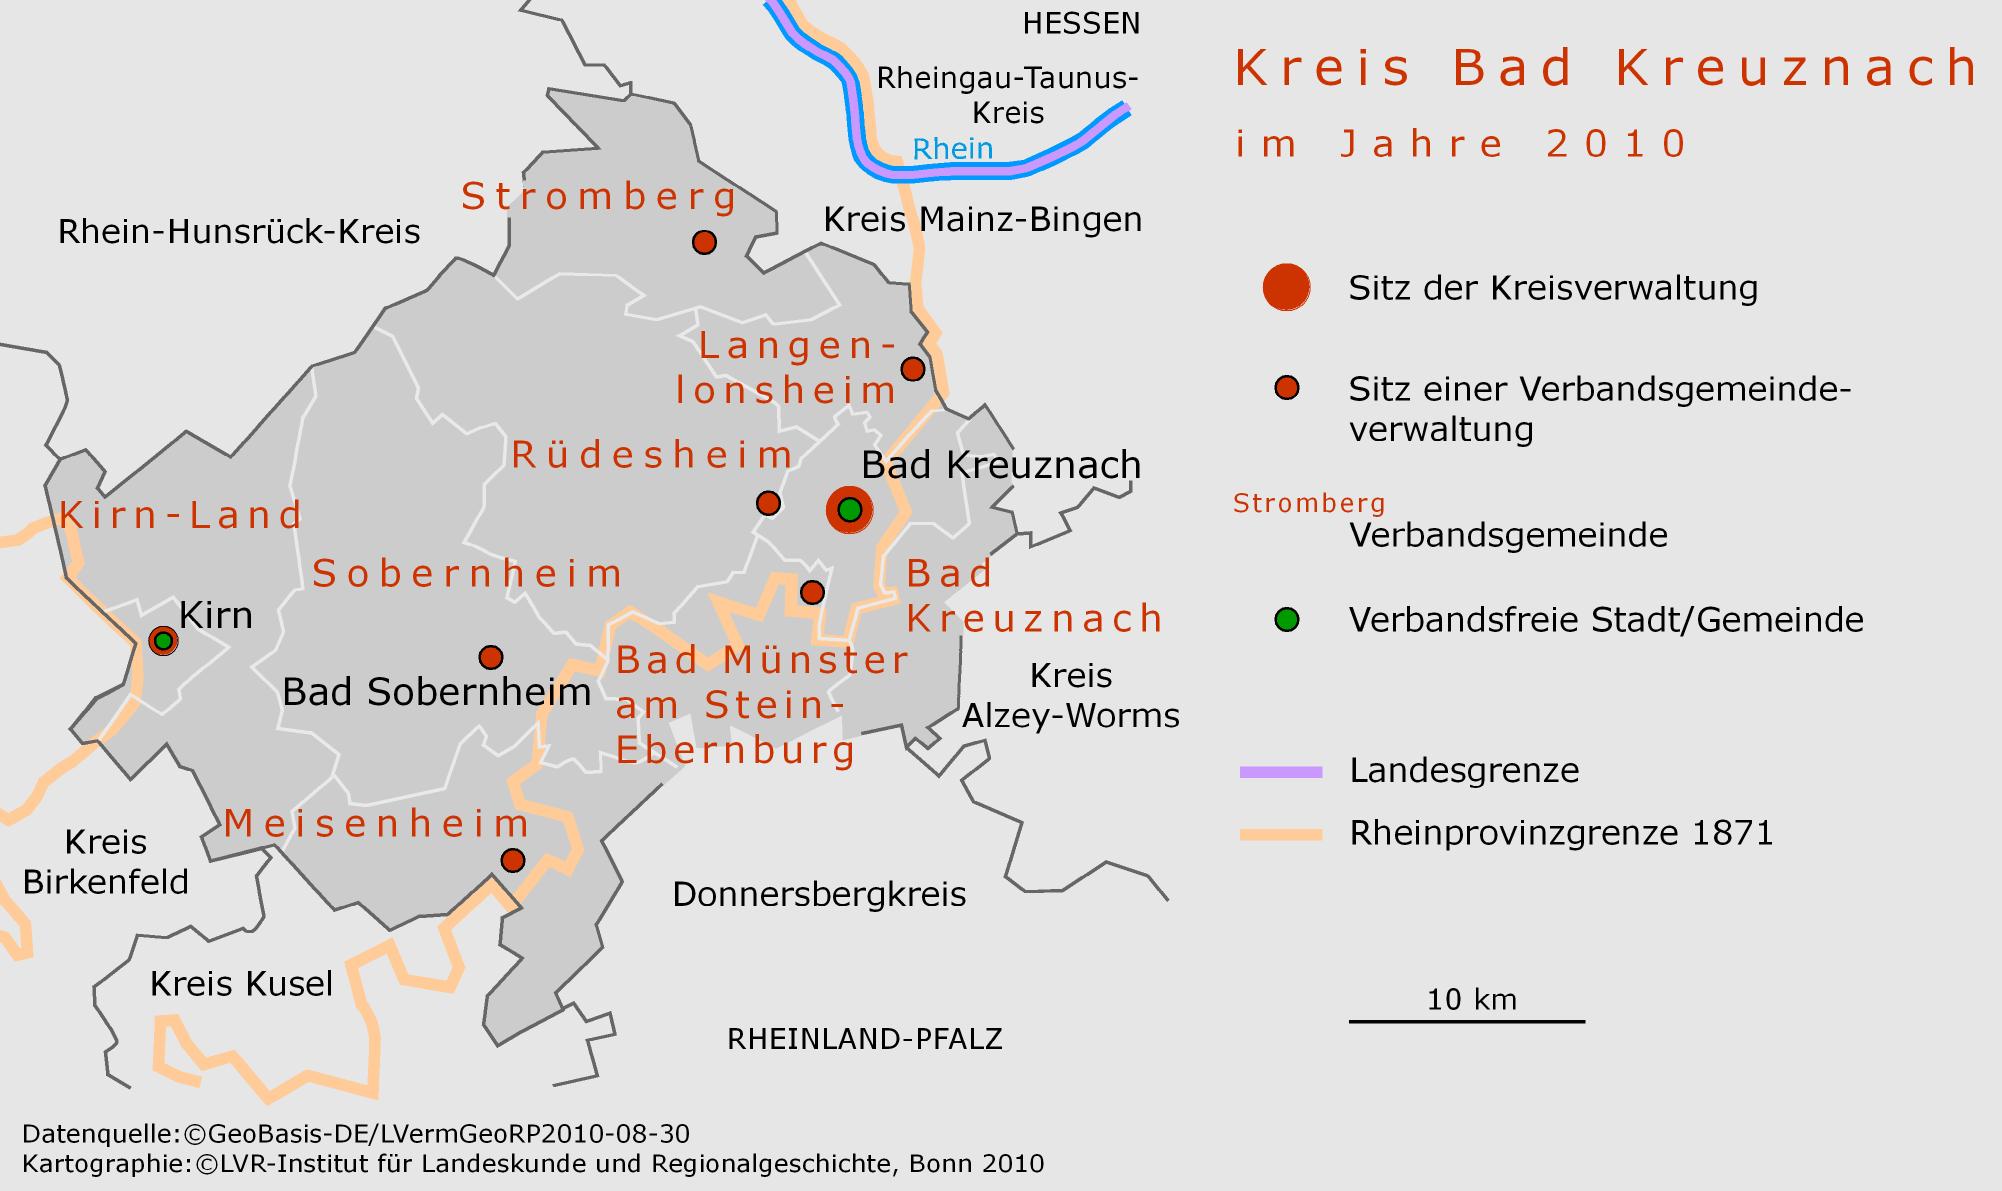 Kreis Bad Kreuznach | Portal Rheinische Geschichte